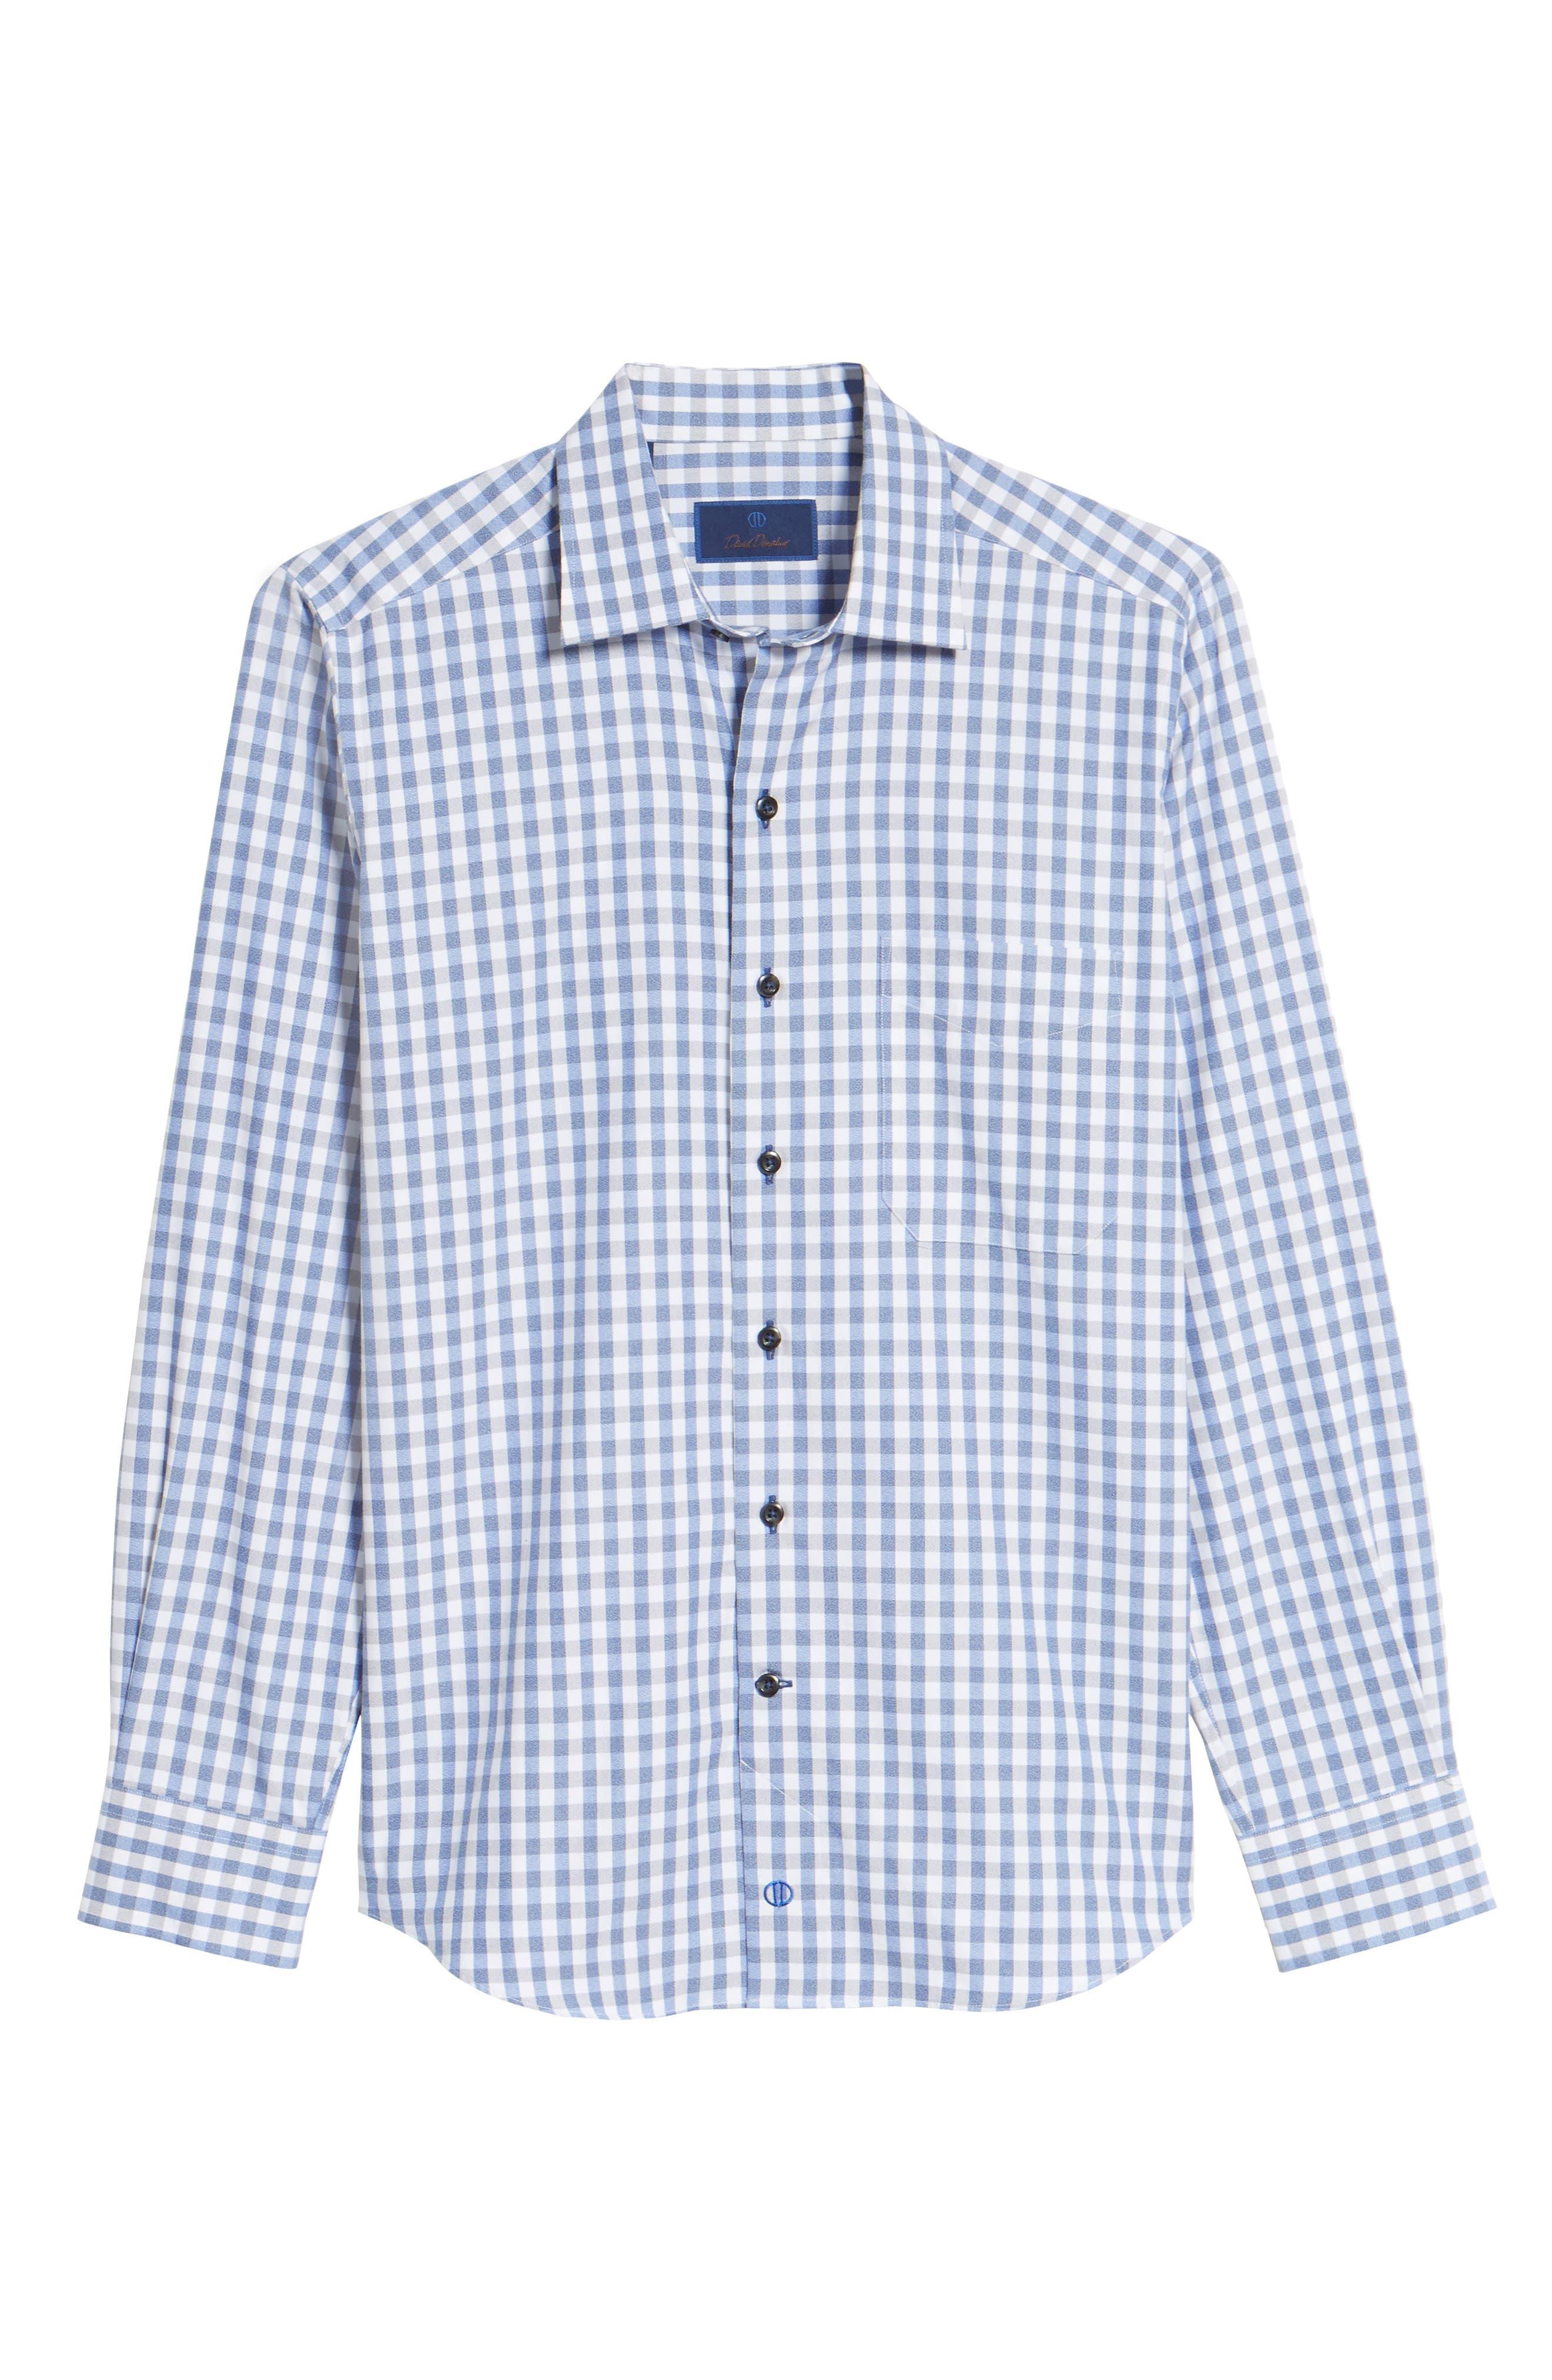 Gingham Sport Shirt,                             Alternate thumbnail 6, color,                             Blue